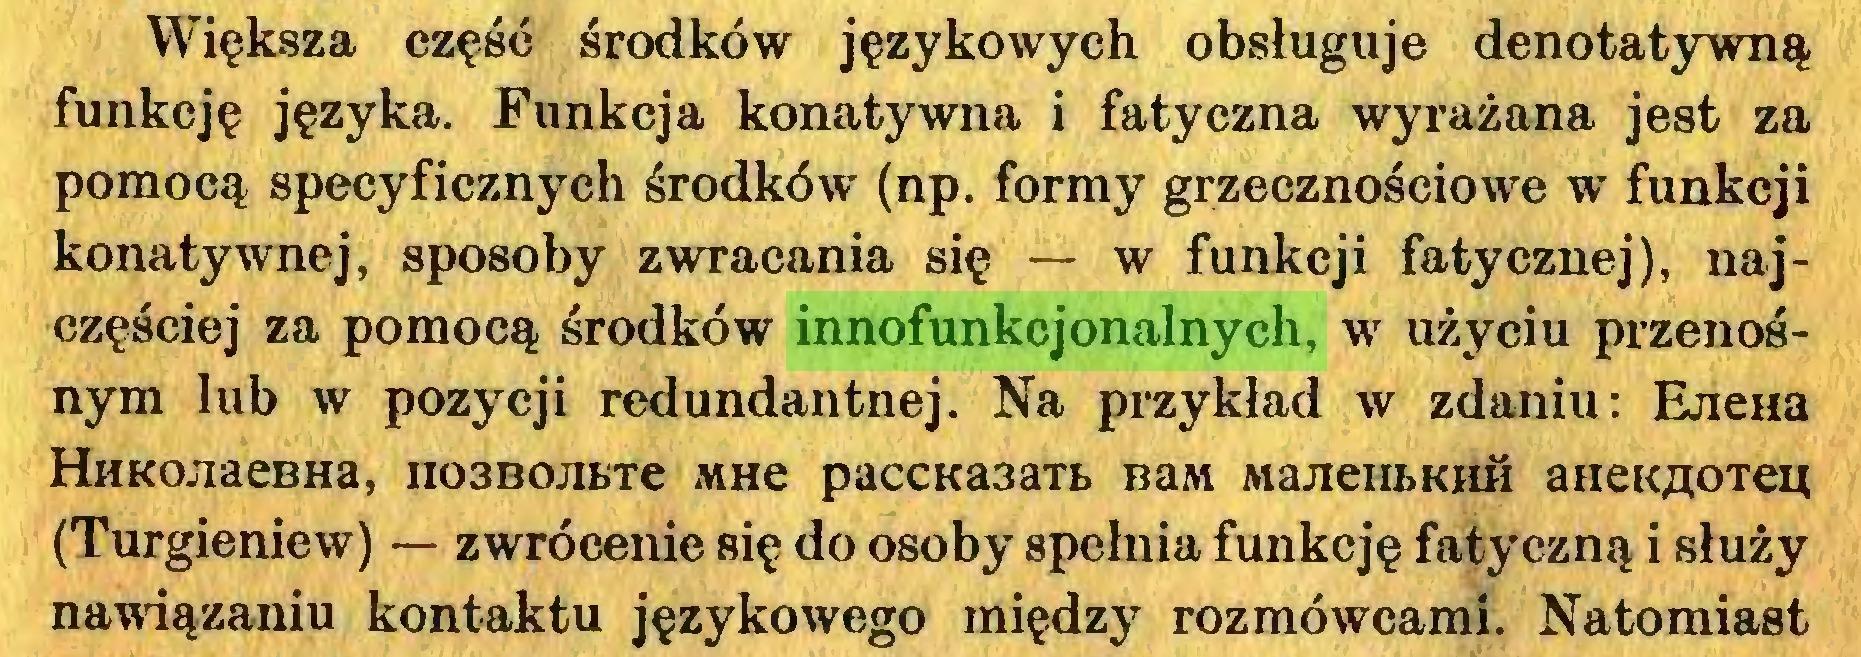 (...) Większa część środków językowych obsługuje denotatywną funkcję języka. Funkcja konatywna i fatyczna wyrażana jest za pomocą specyficznych środków (np. formy grzecznościowe w funkcji konatywnej, sposoby zwracania się — w funkcji fatycznej), najczęściej za pomocą środków innofunkcjonalnych, w użyciu przenośnym lub w pozycji redundantnej. Na przykład w zdaniu: EjieHa HuKOJiaeBHa, no3BOJibTe mhc paccKa3aTi> BaM MajieuŁKHił aneK^oTep (Turgieniew) — zwrócenie się do osoby spehiia funkcję fatyczną i służy nawiązaniu kontaktu językowego między rozmówcami. Natomiast...